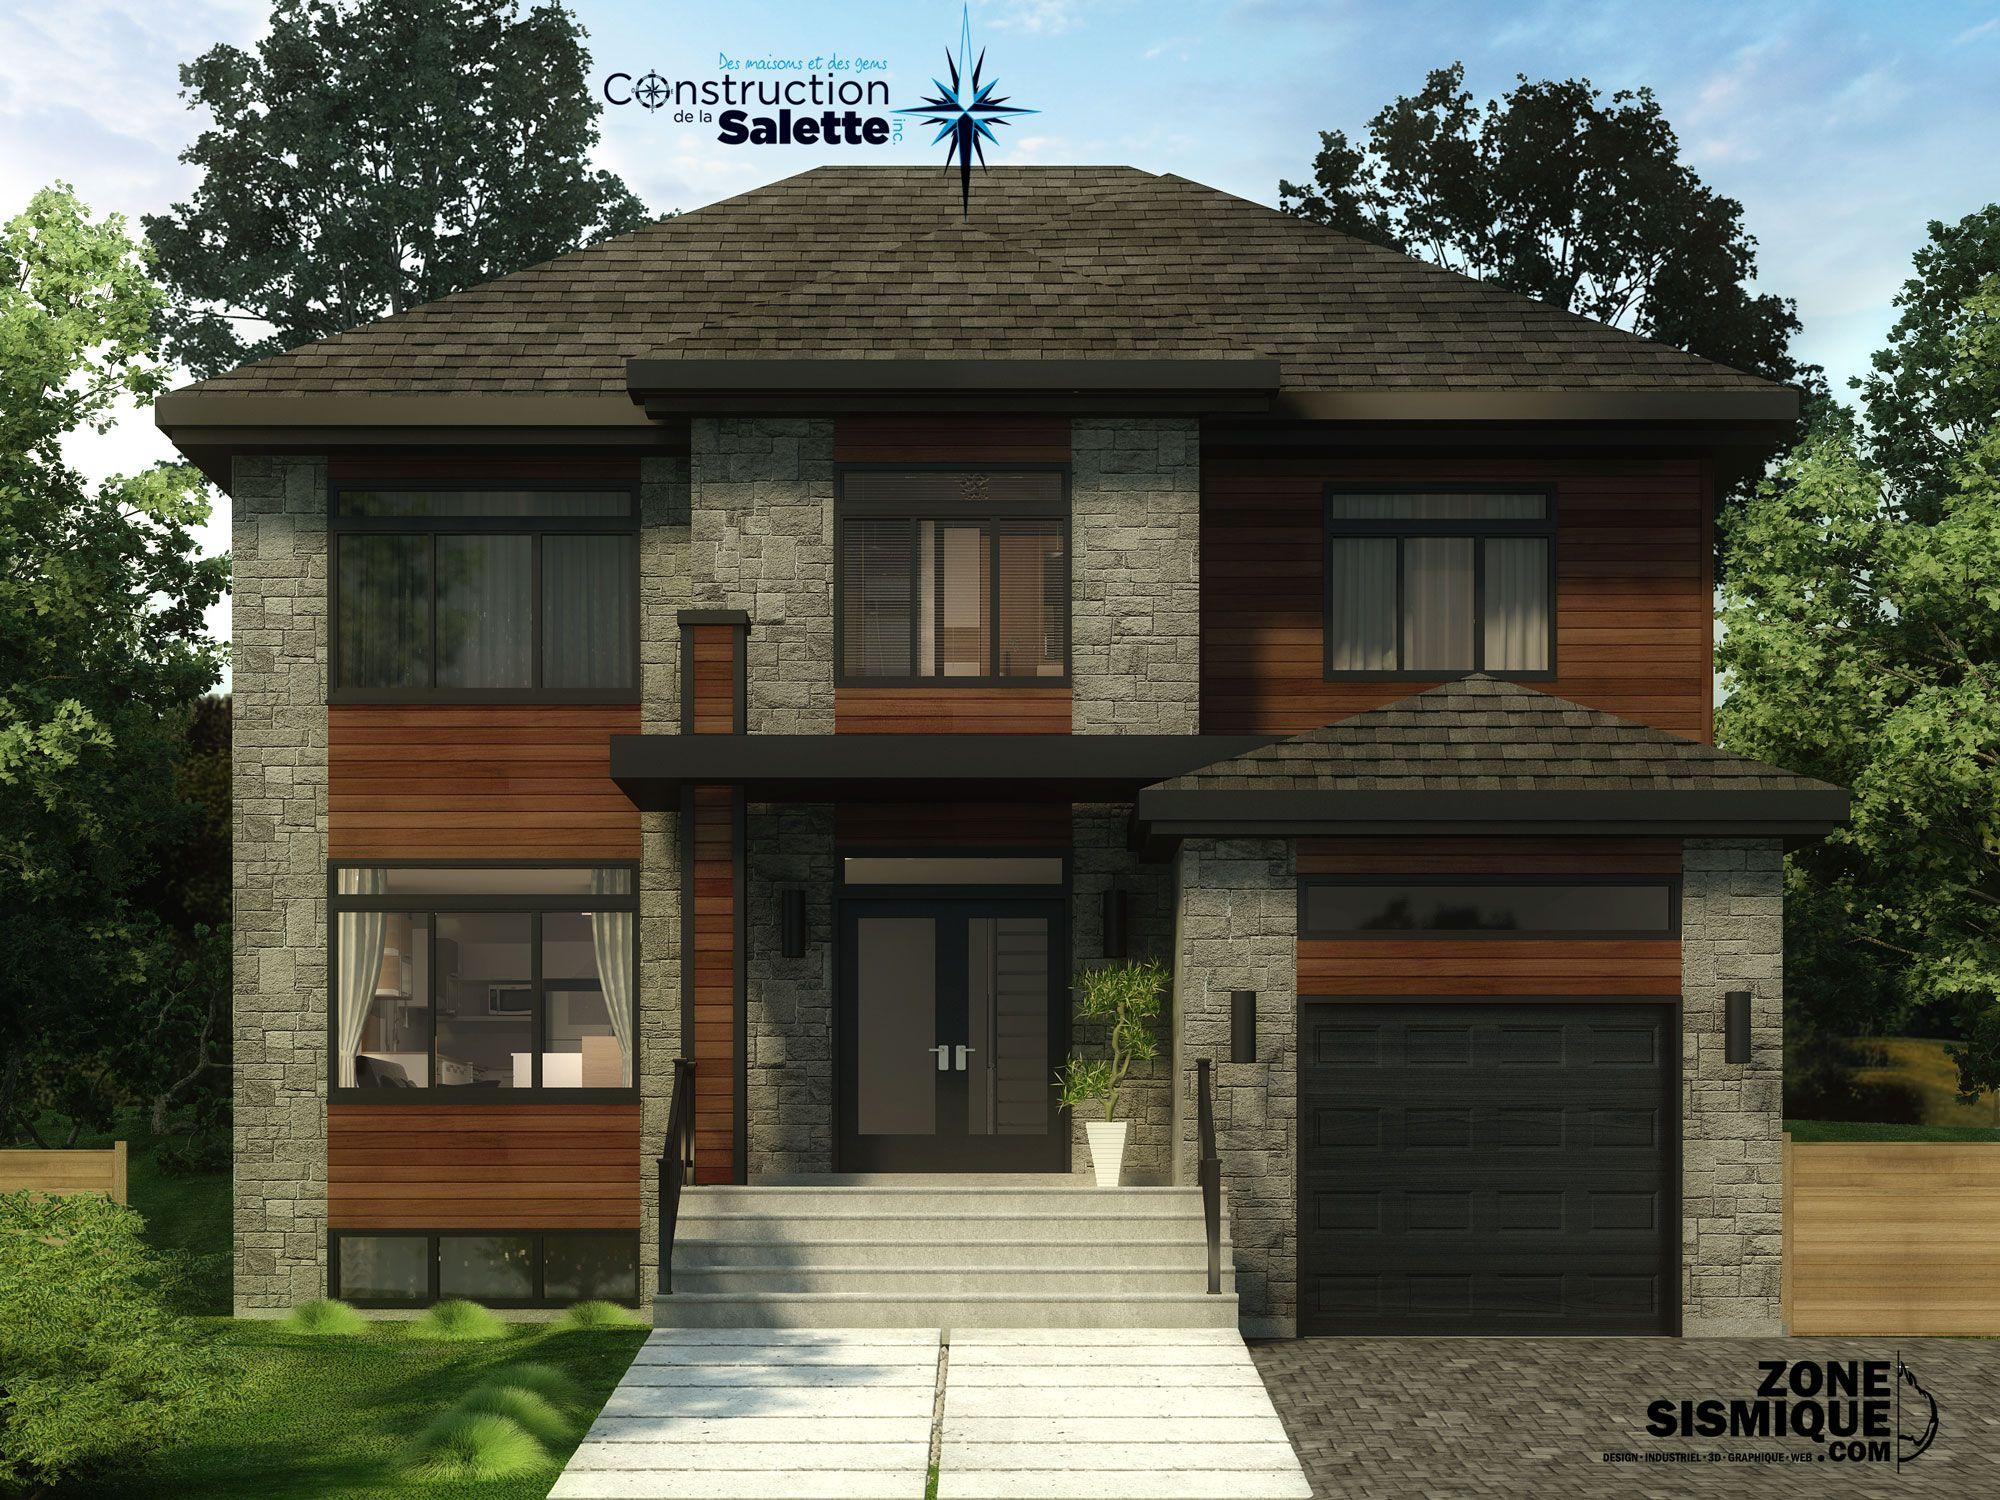 maison 3d pour construction de la salette - Construction De Maison En 3d